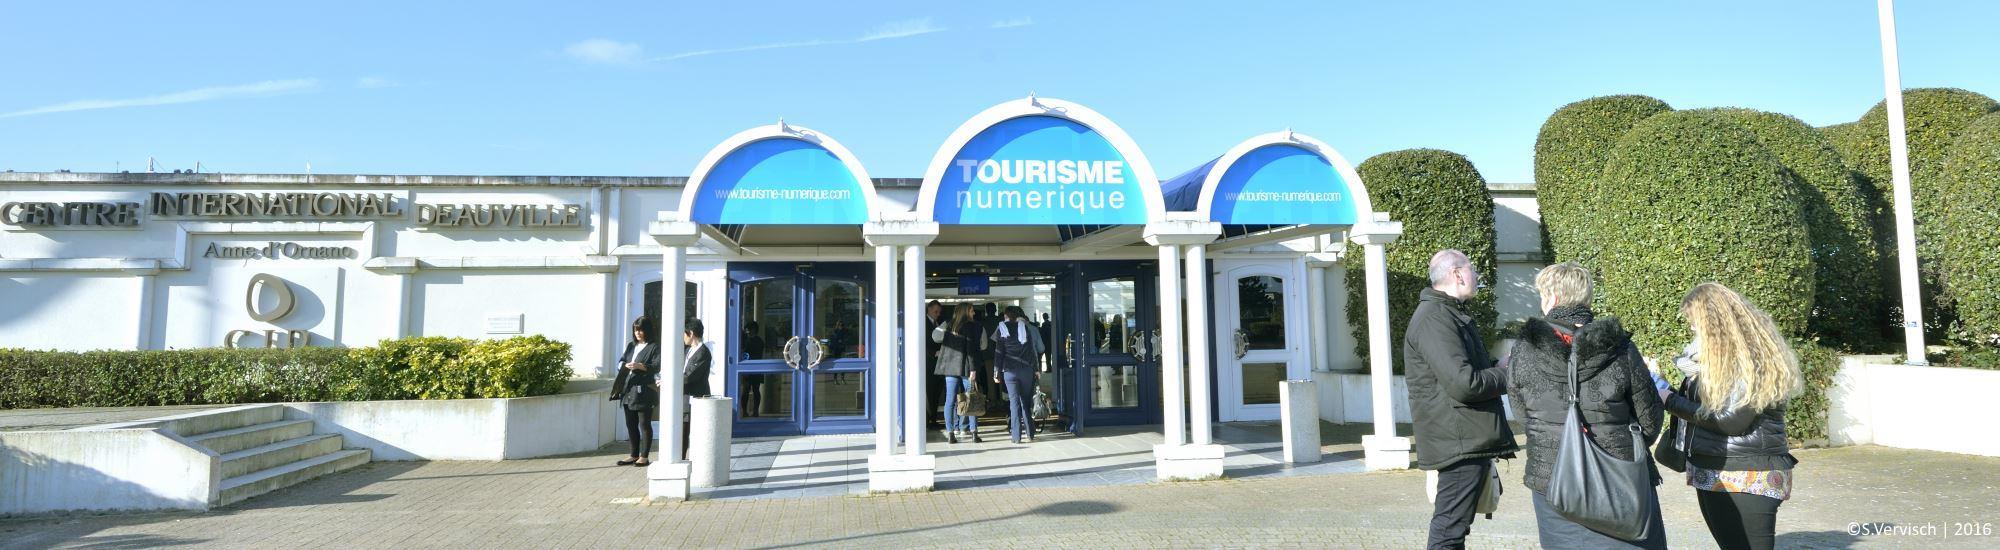 Deauville Forum Tourisme Numérique